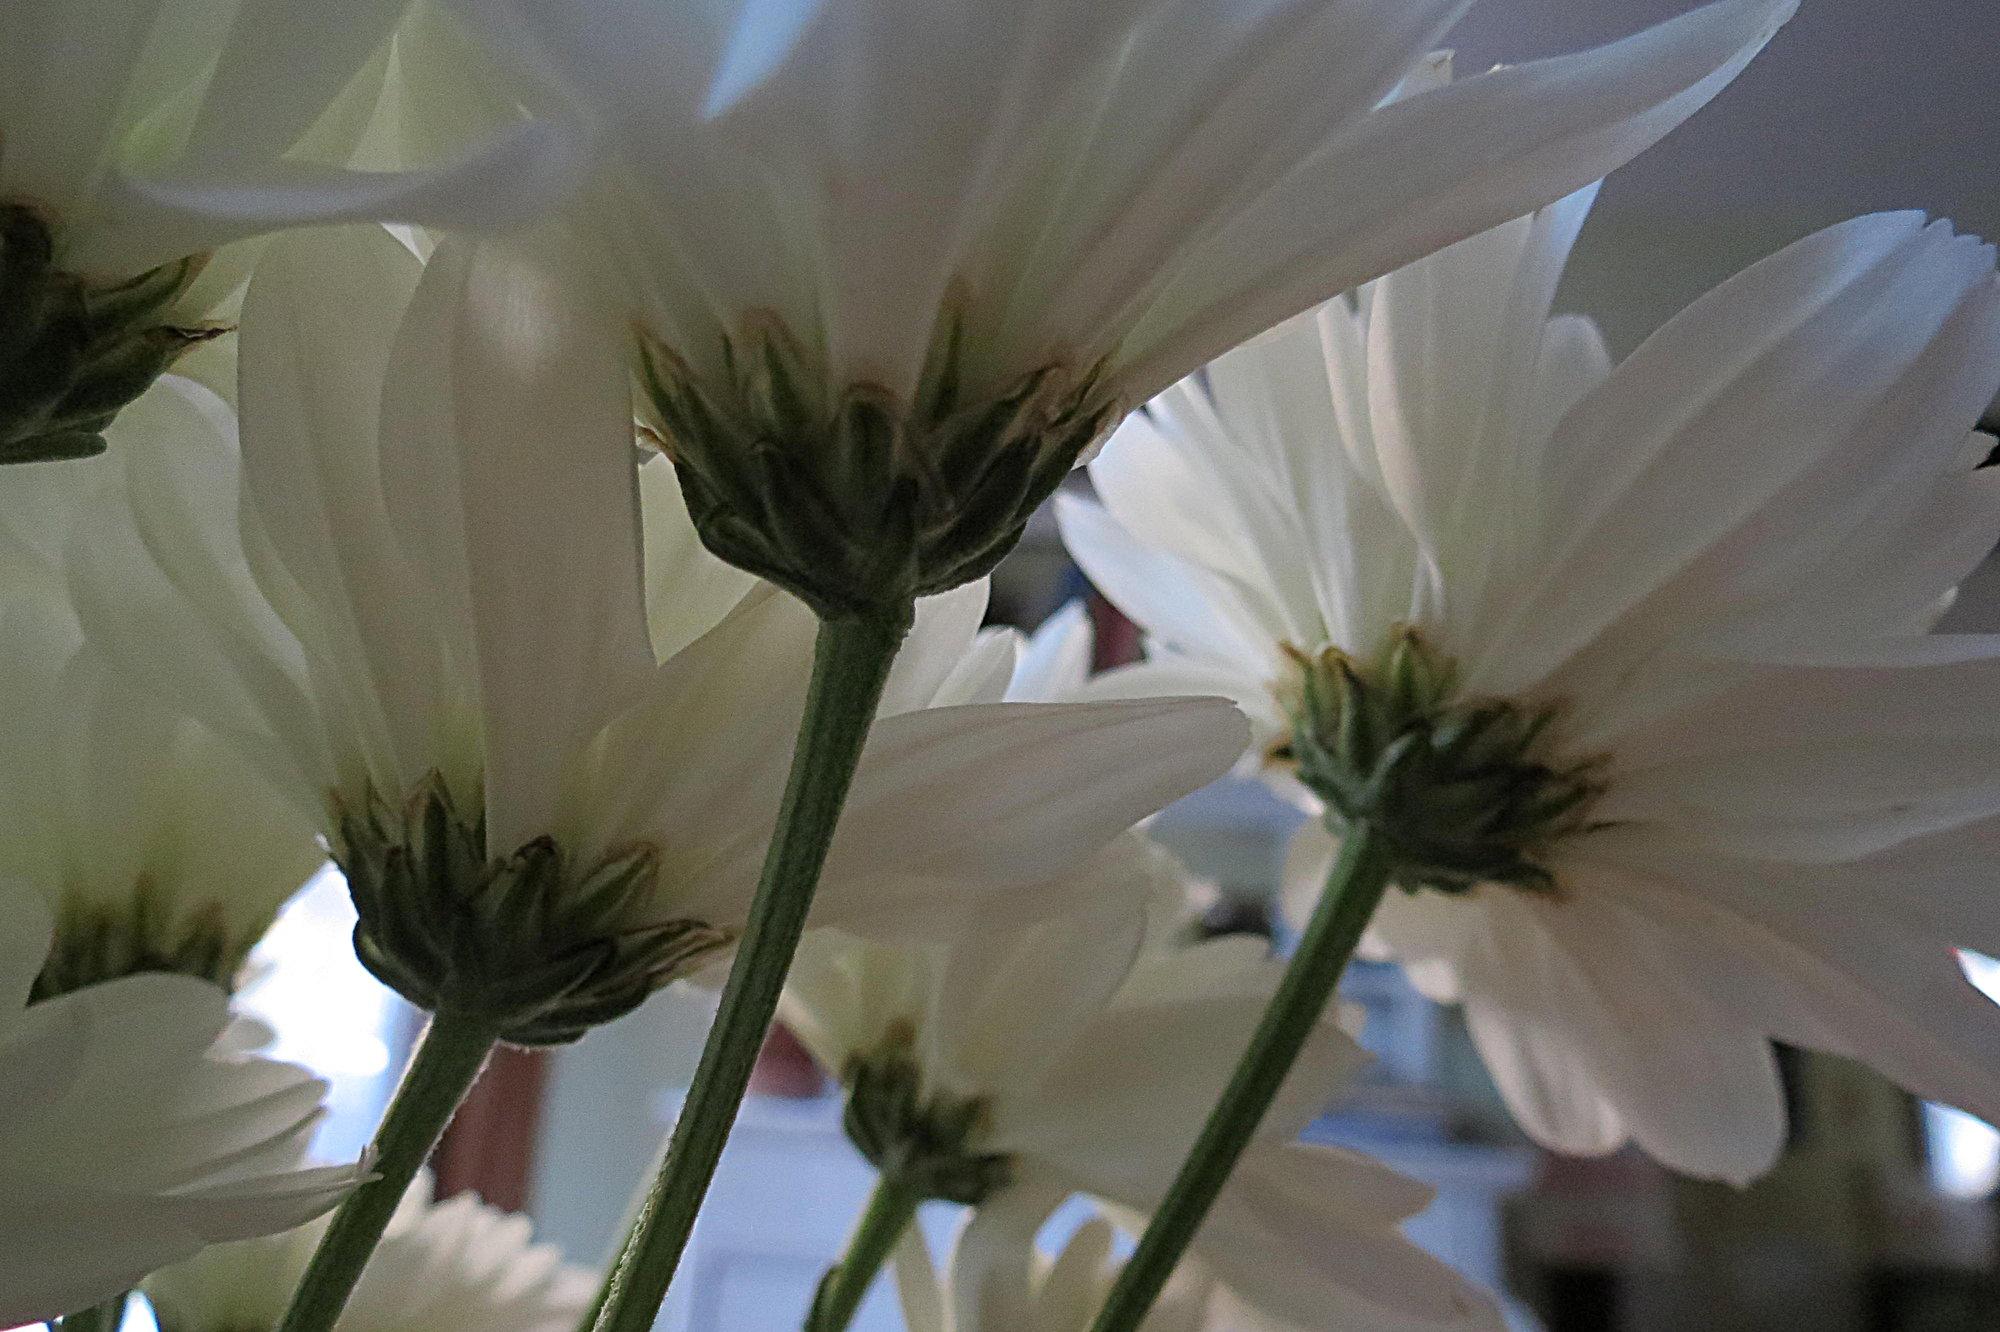 Cómo canalizar una flor mullida de crema de mantequilla - soy panadero